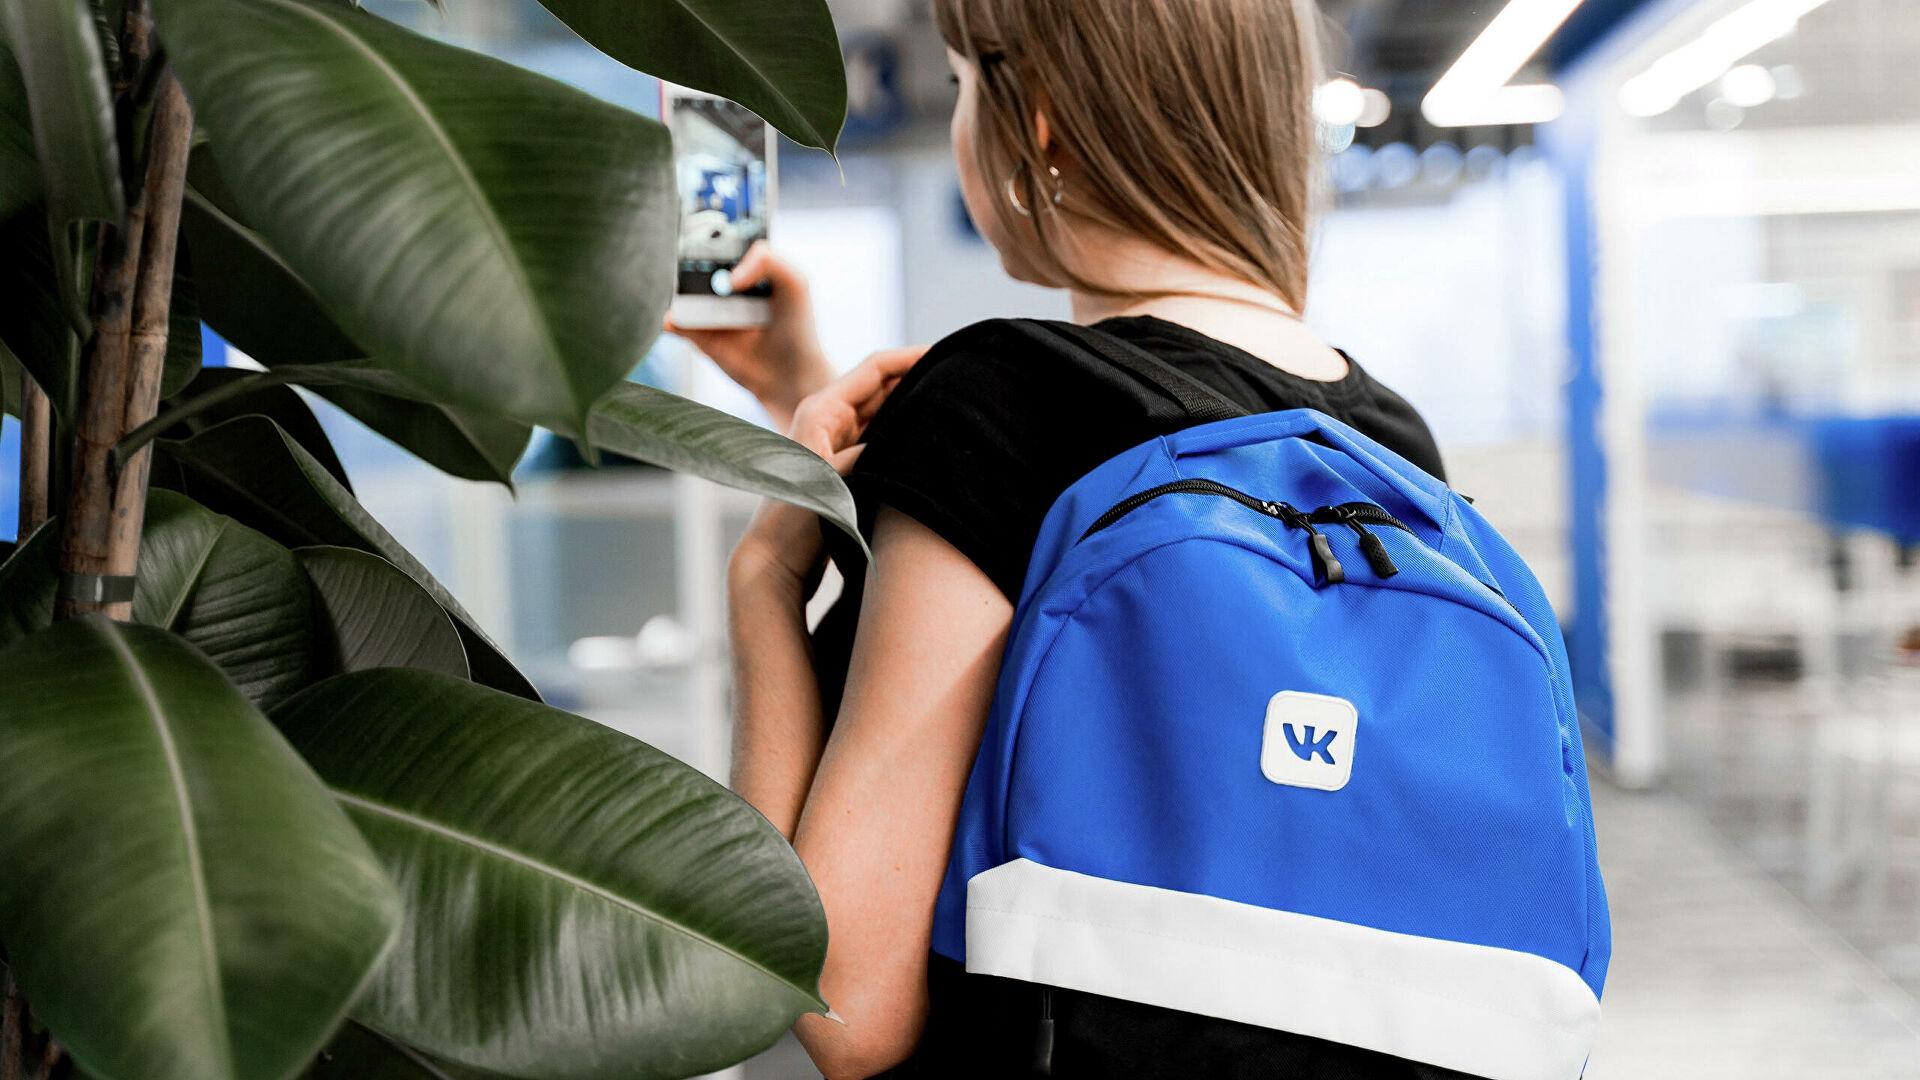 Бизнес ВКонтакте запустил новую единую платформу для предпринимателей